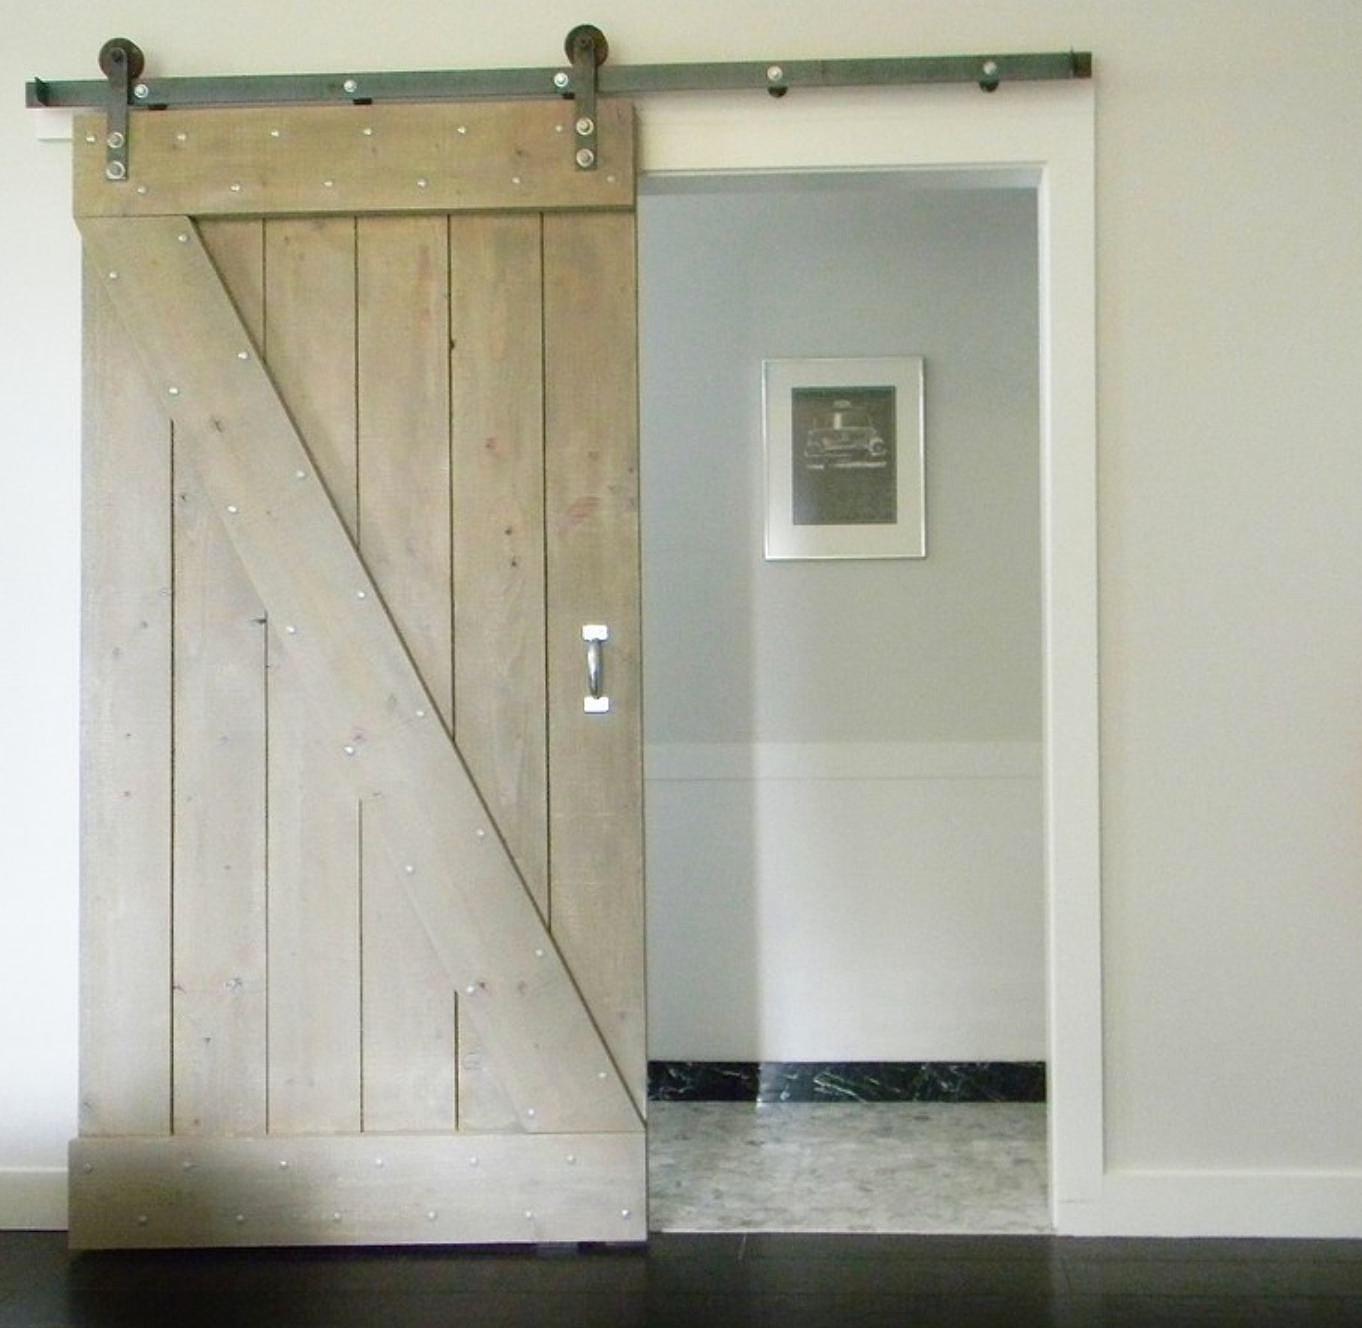 Как из простой двери сделать раздвижную дверь